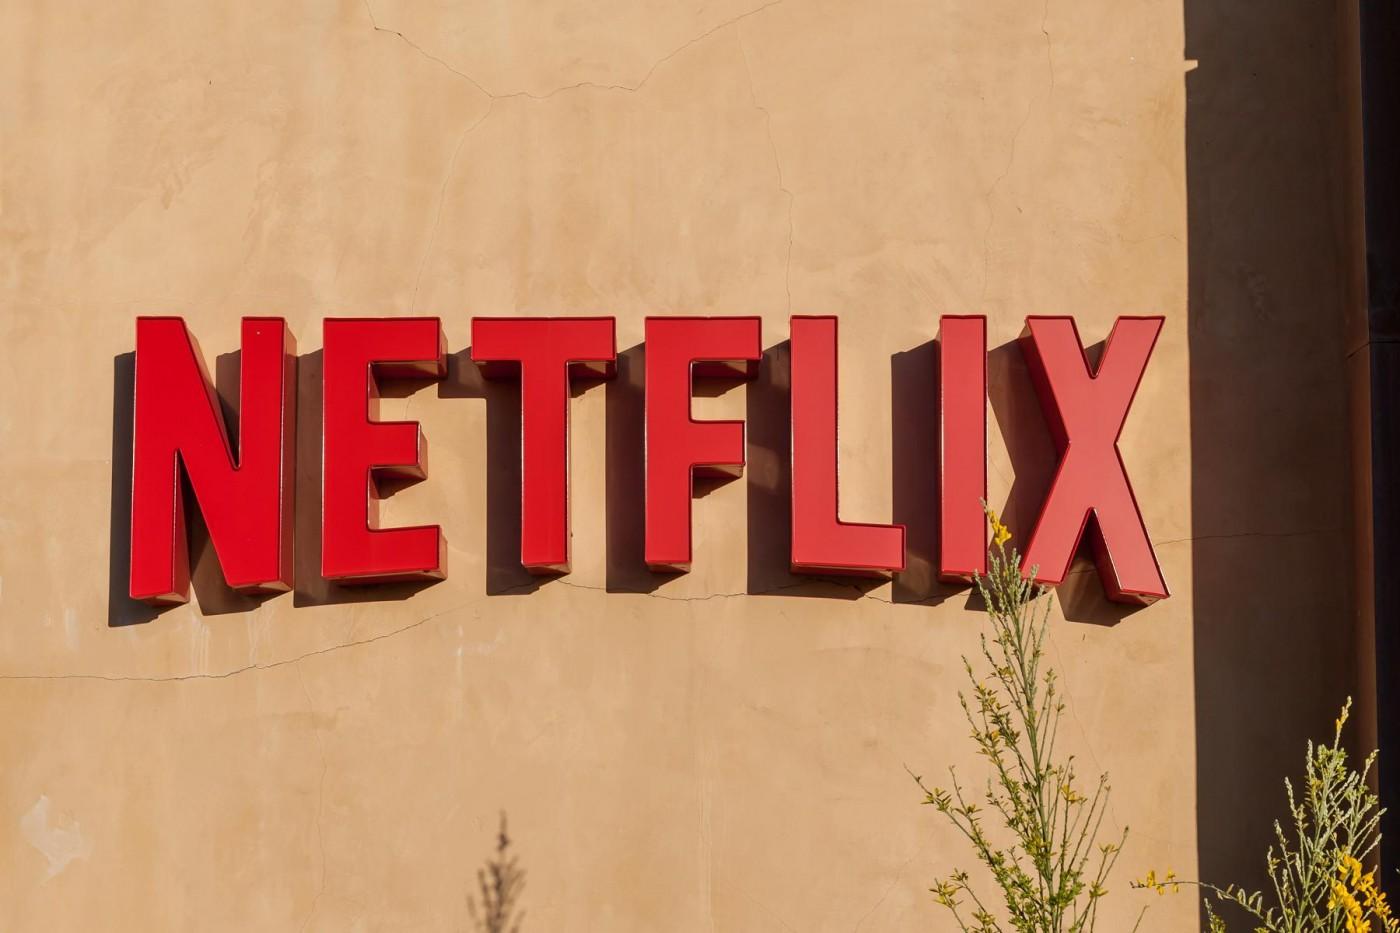 居家防疫股還是夯!Netflix激漲7%登52週新高點,亞馬遜也漲逾6%